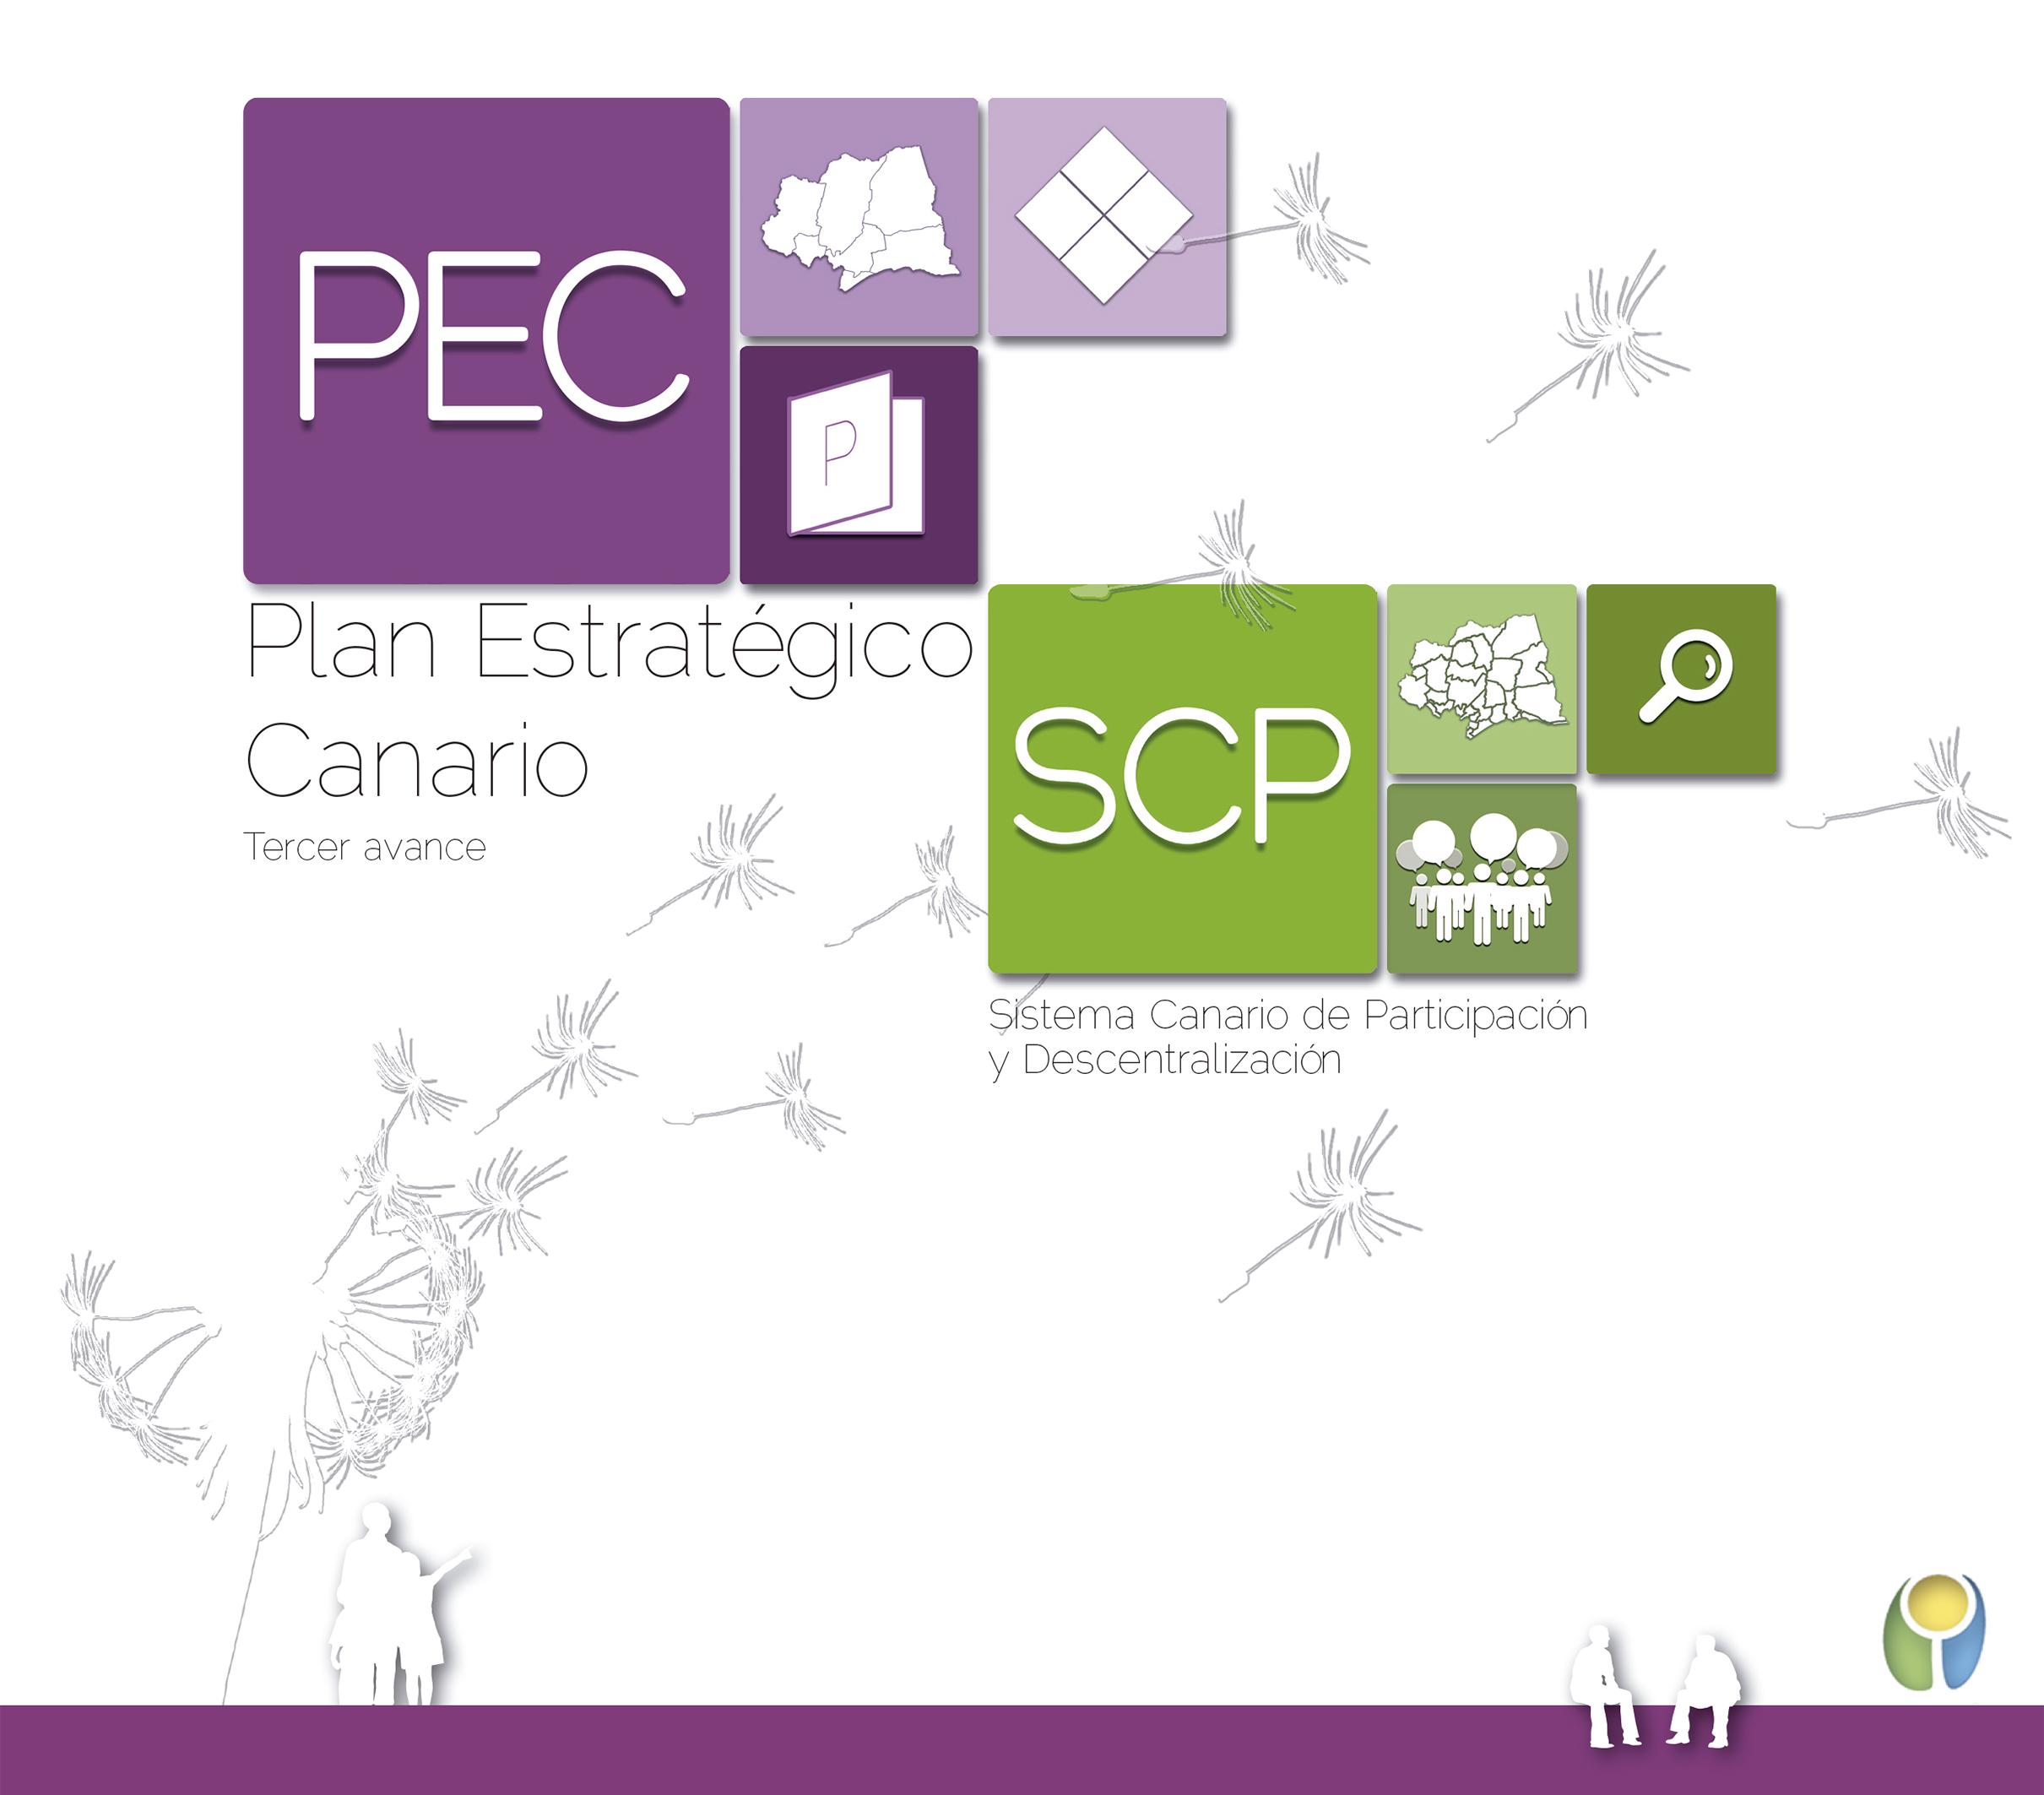 Plan Estratégico Canario III Sistema Canario de Participación y Descentralización